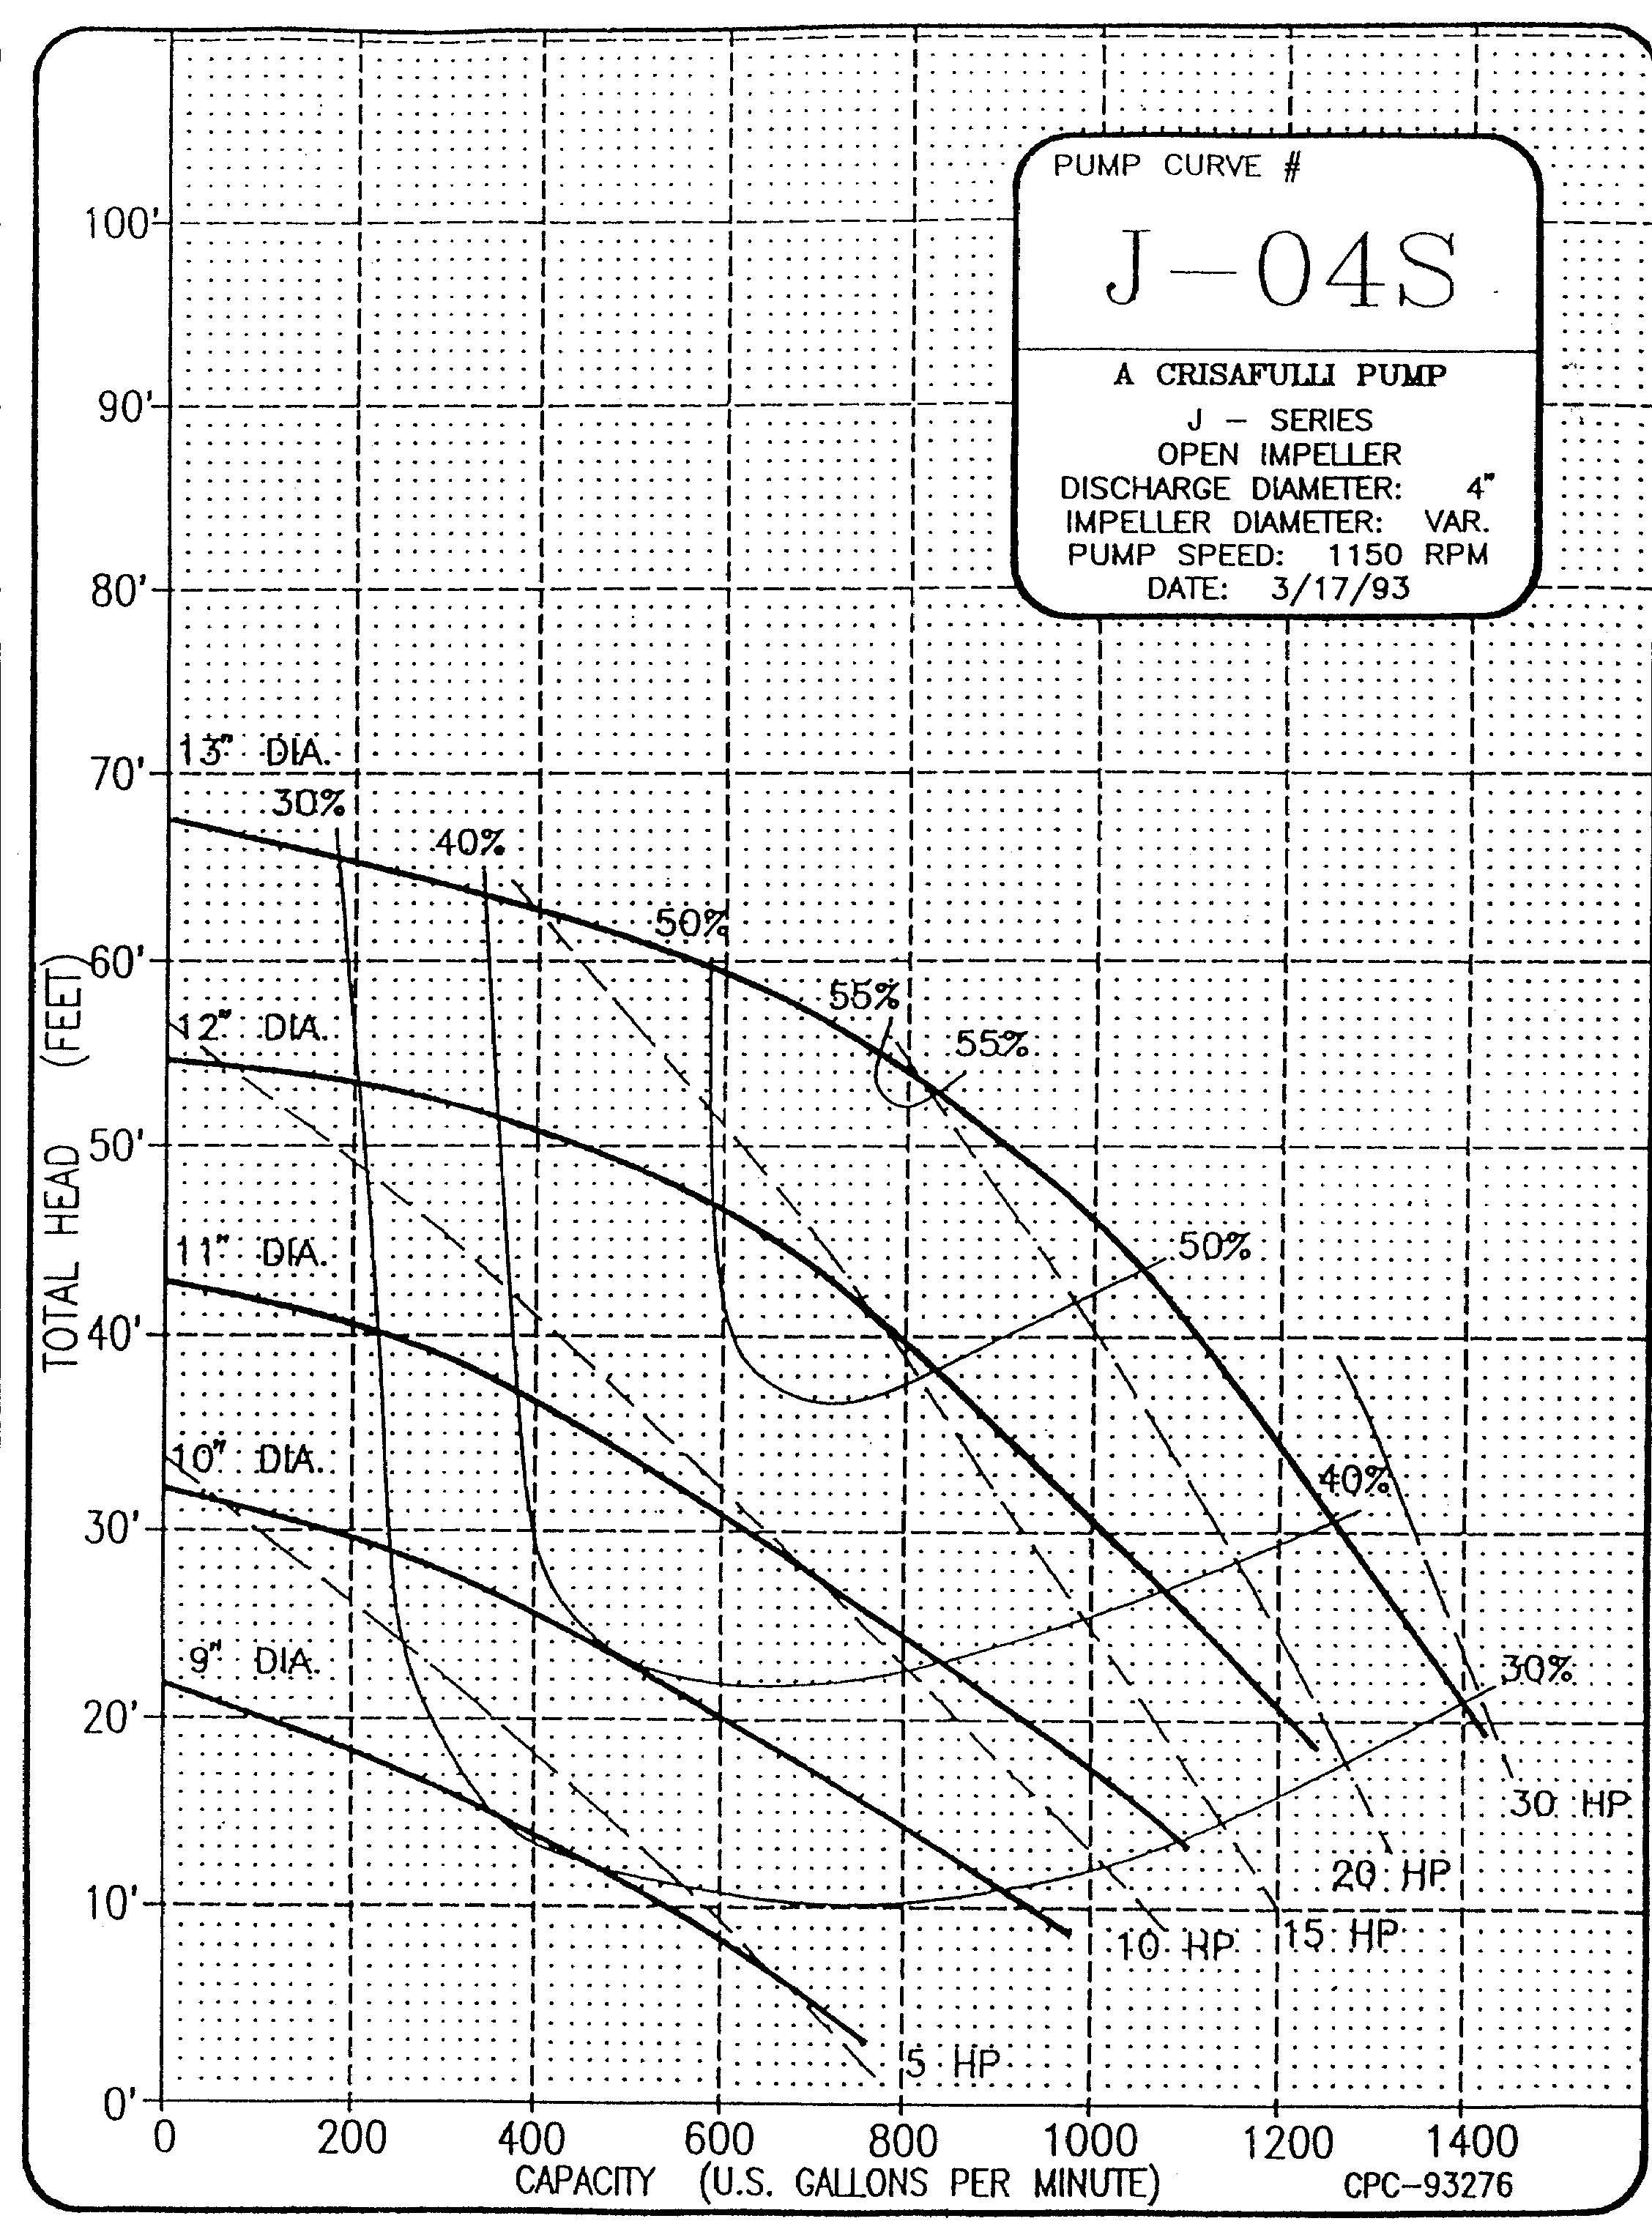 4in J Series 1150 RPM Pump Curve